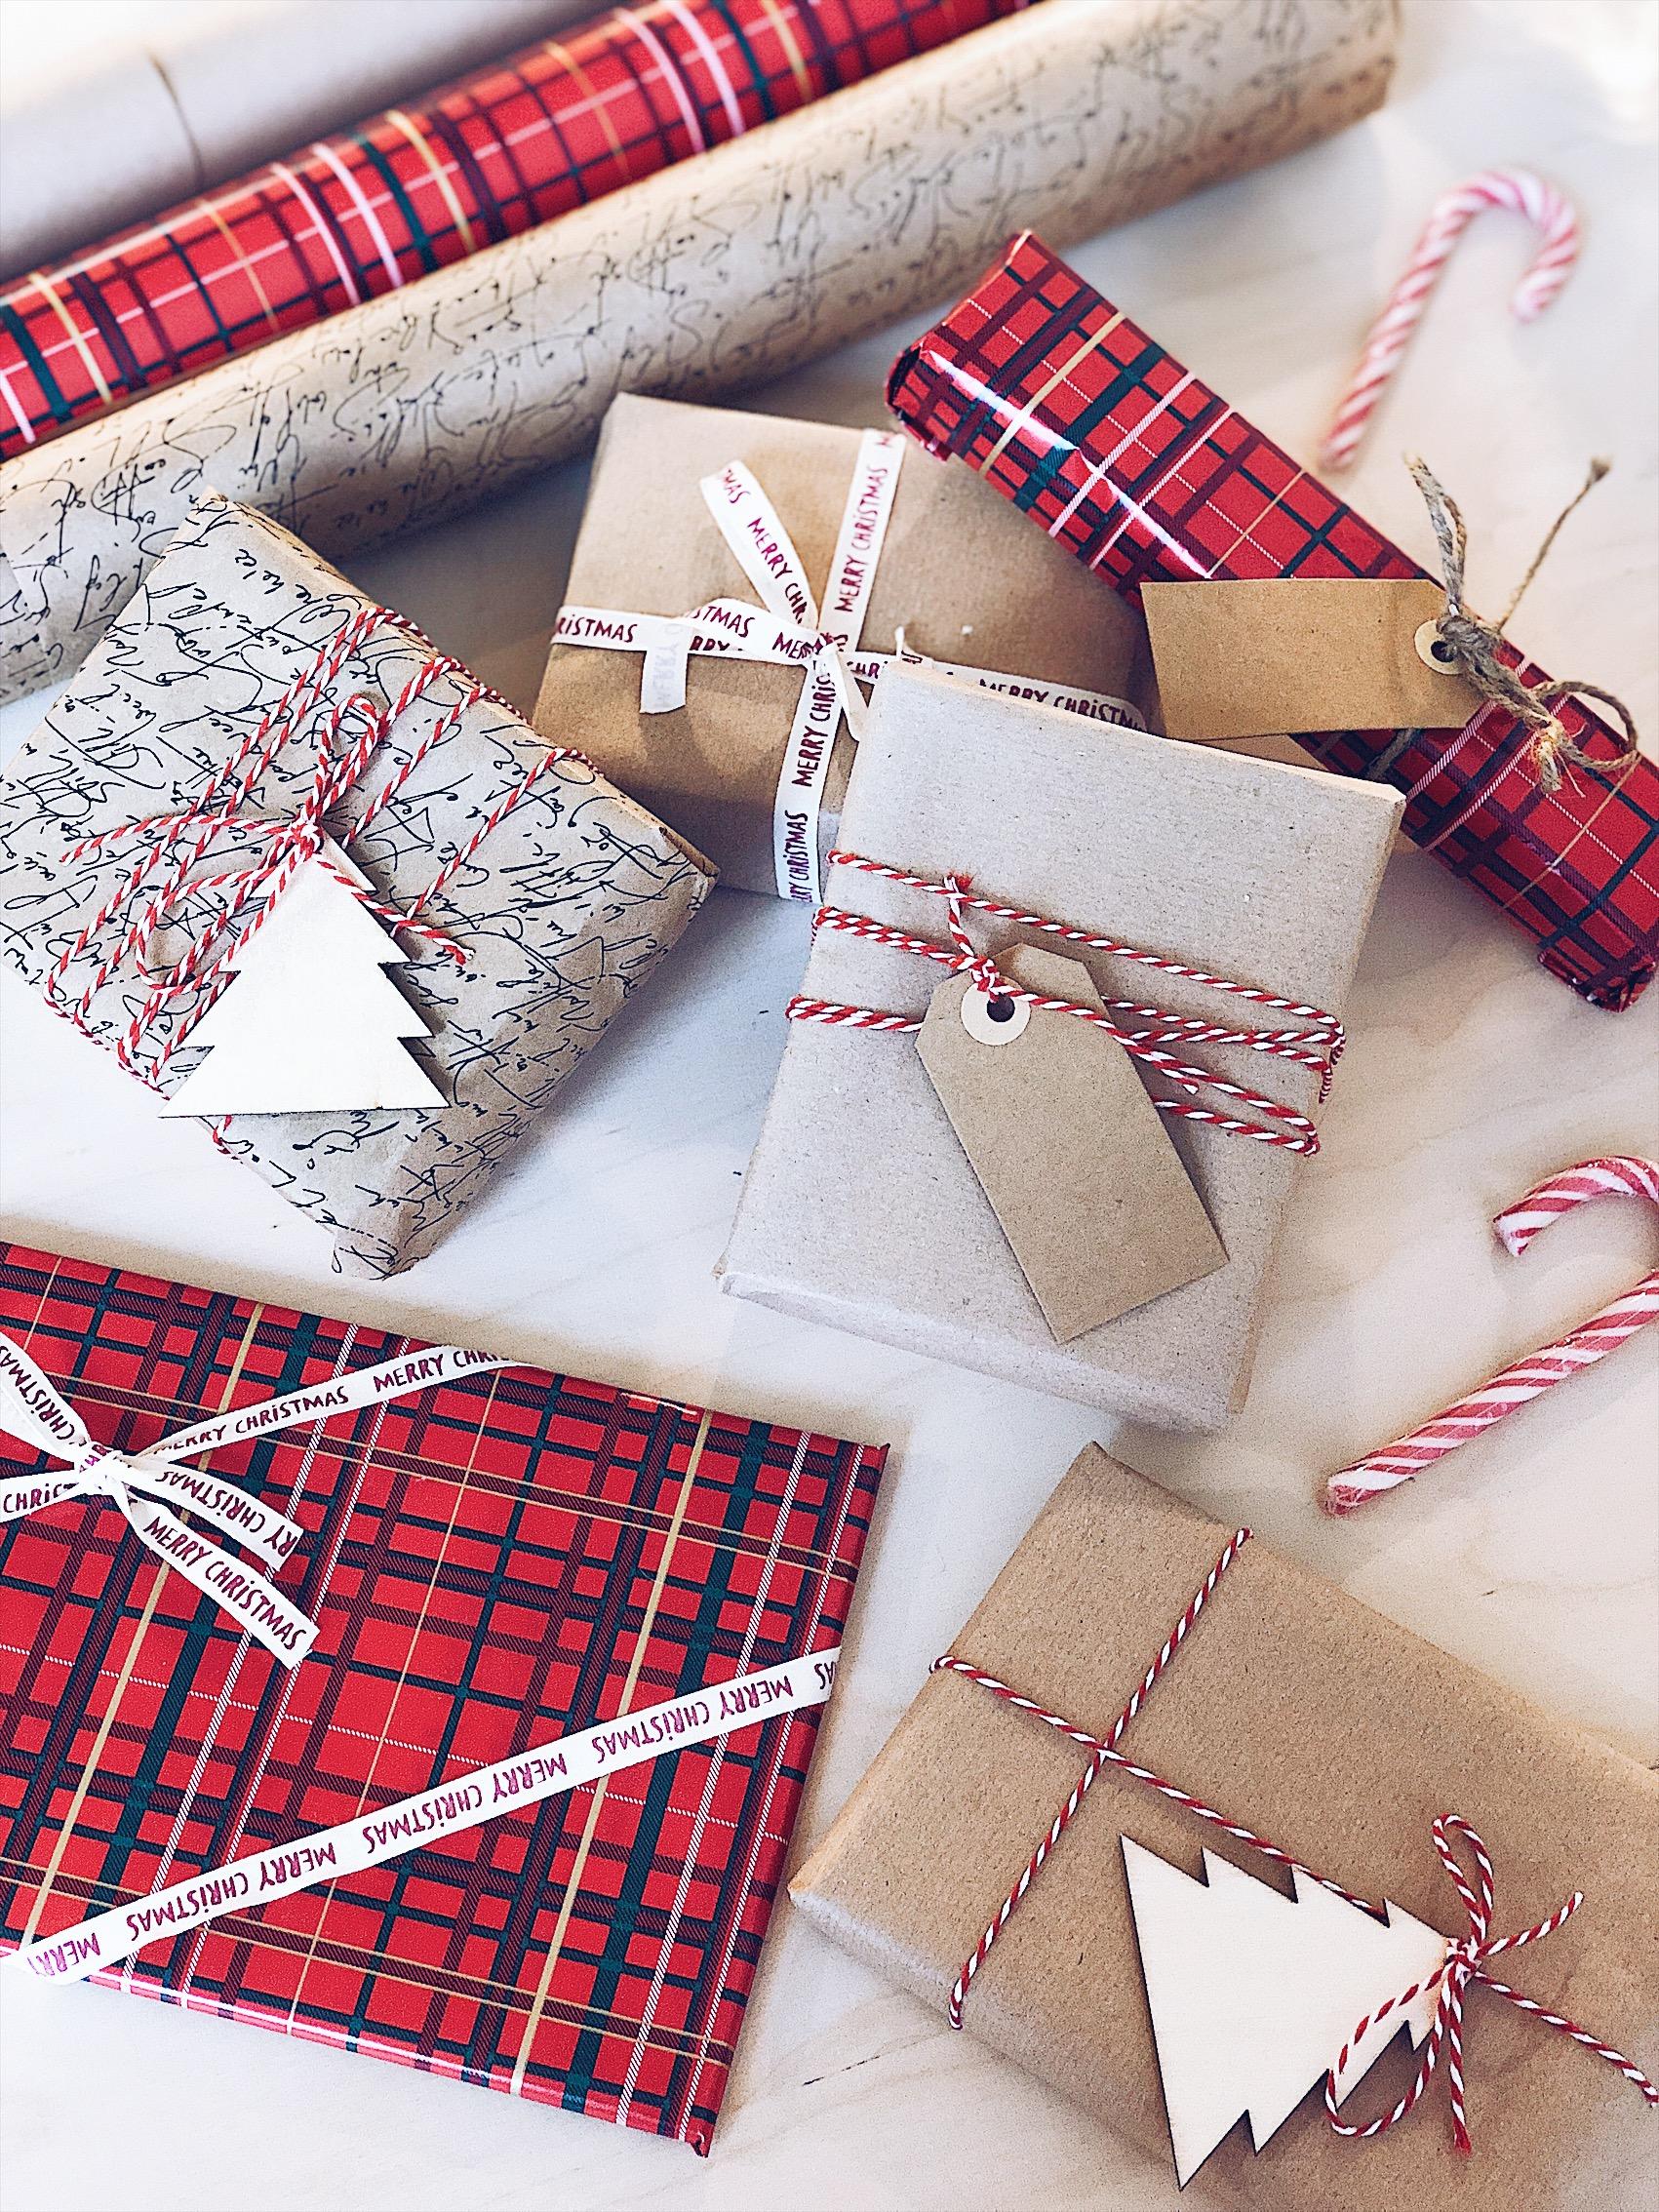 Joulukalenteri Lahjapaketointi vinkit Suvisvilla